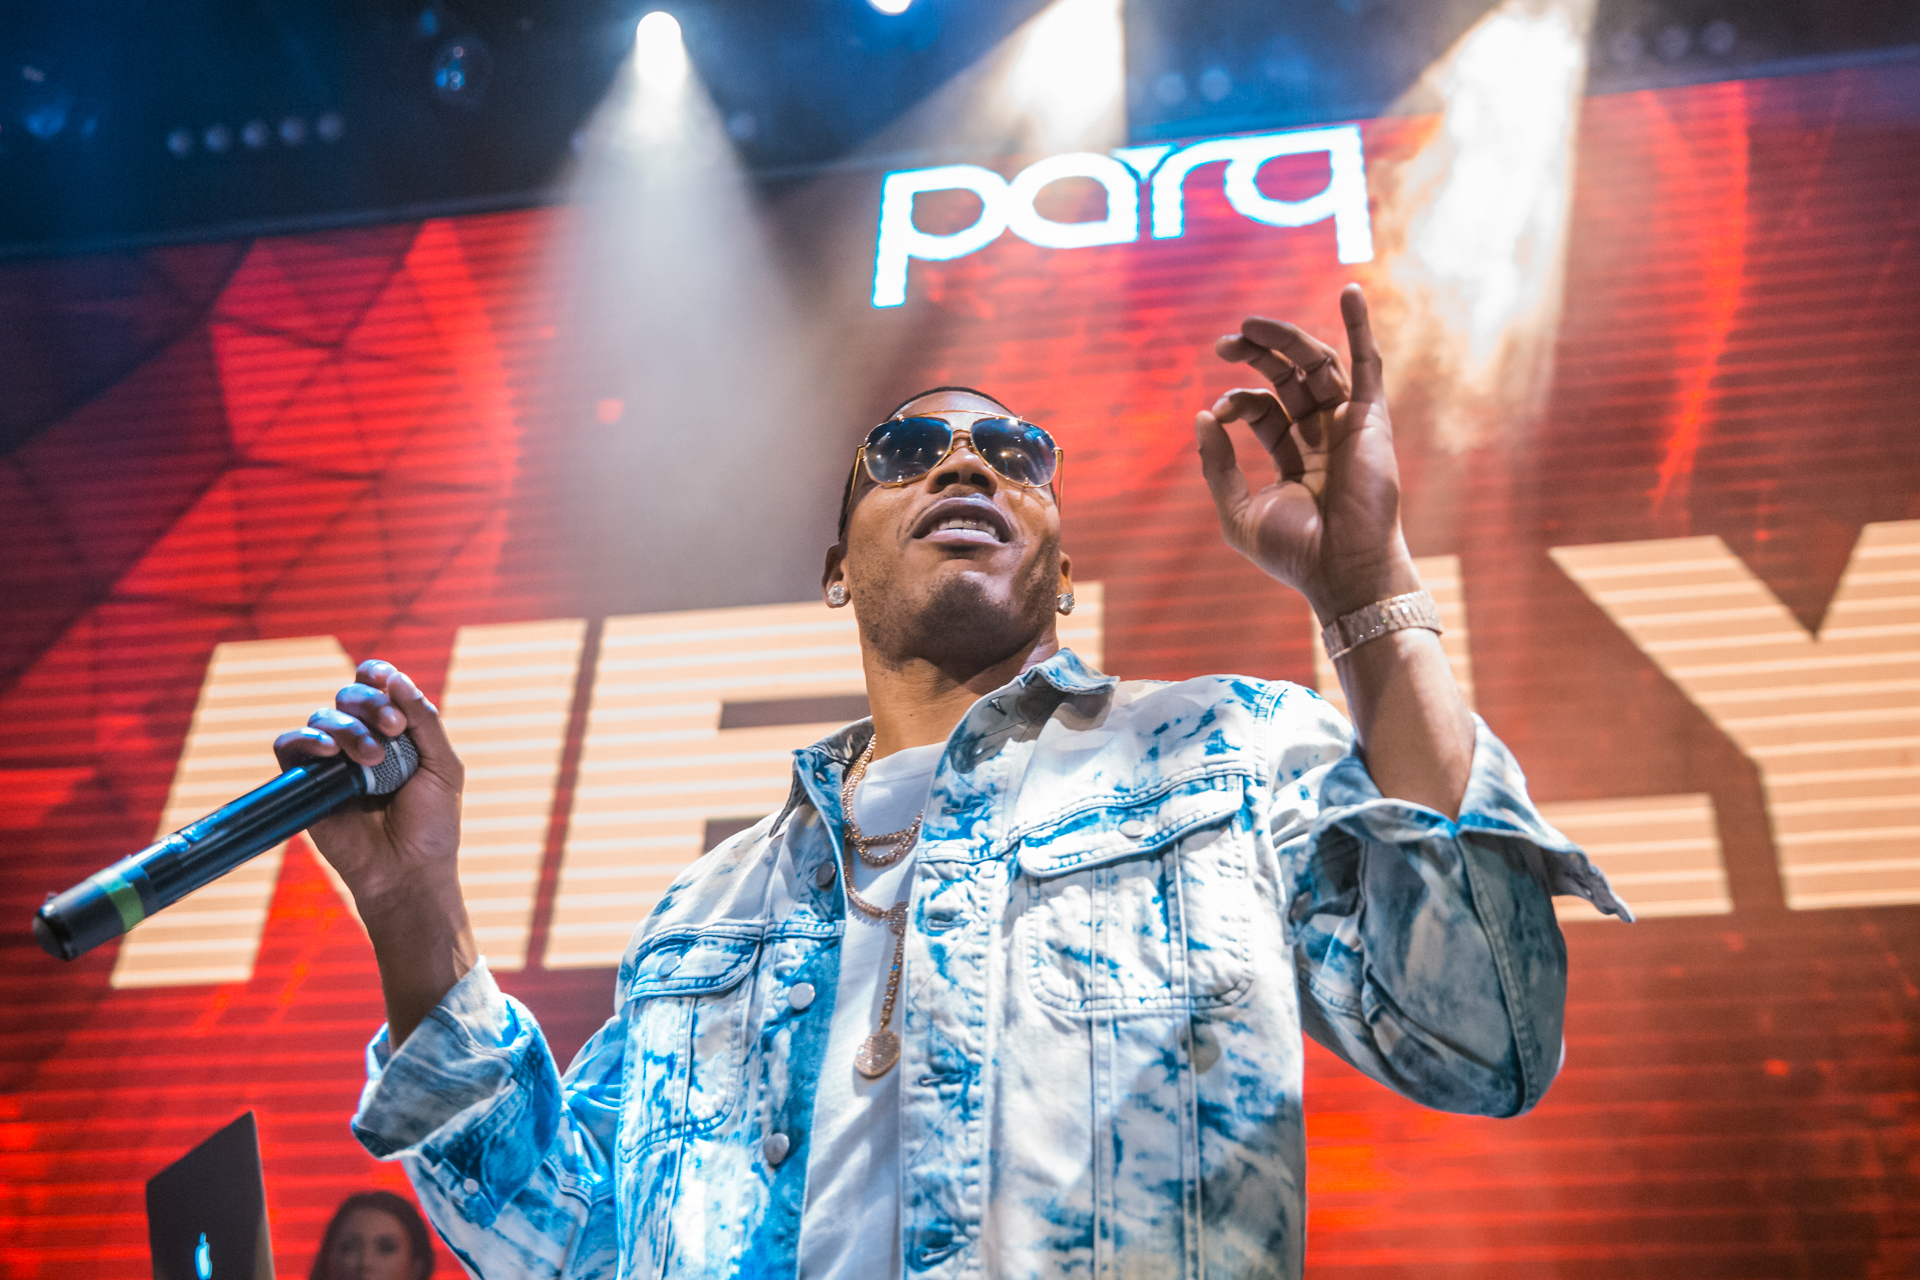 09.09.17 Parq - Nelly--1.jpg